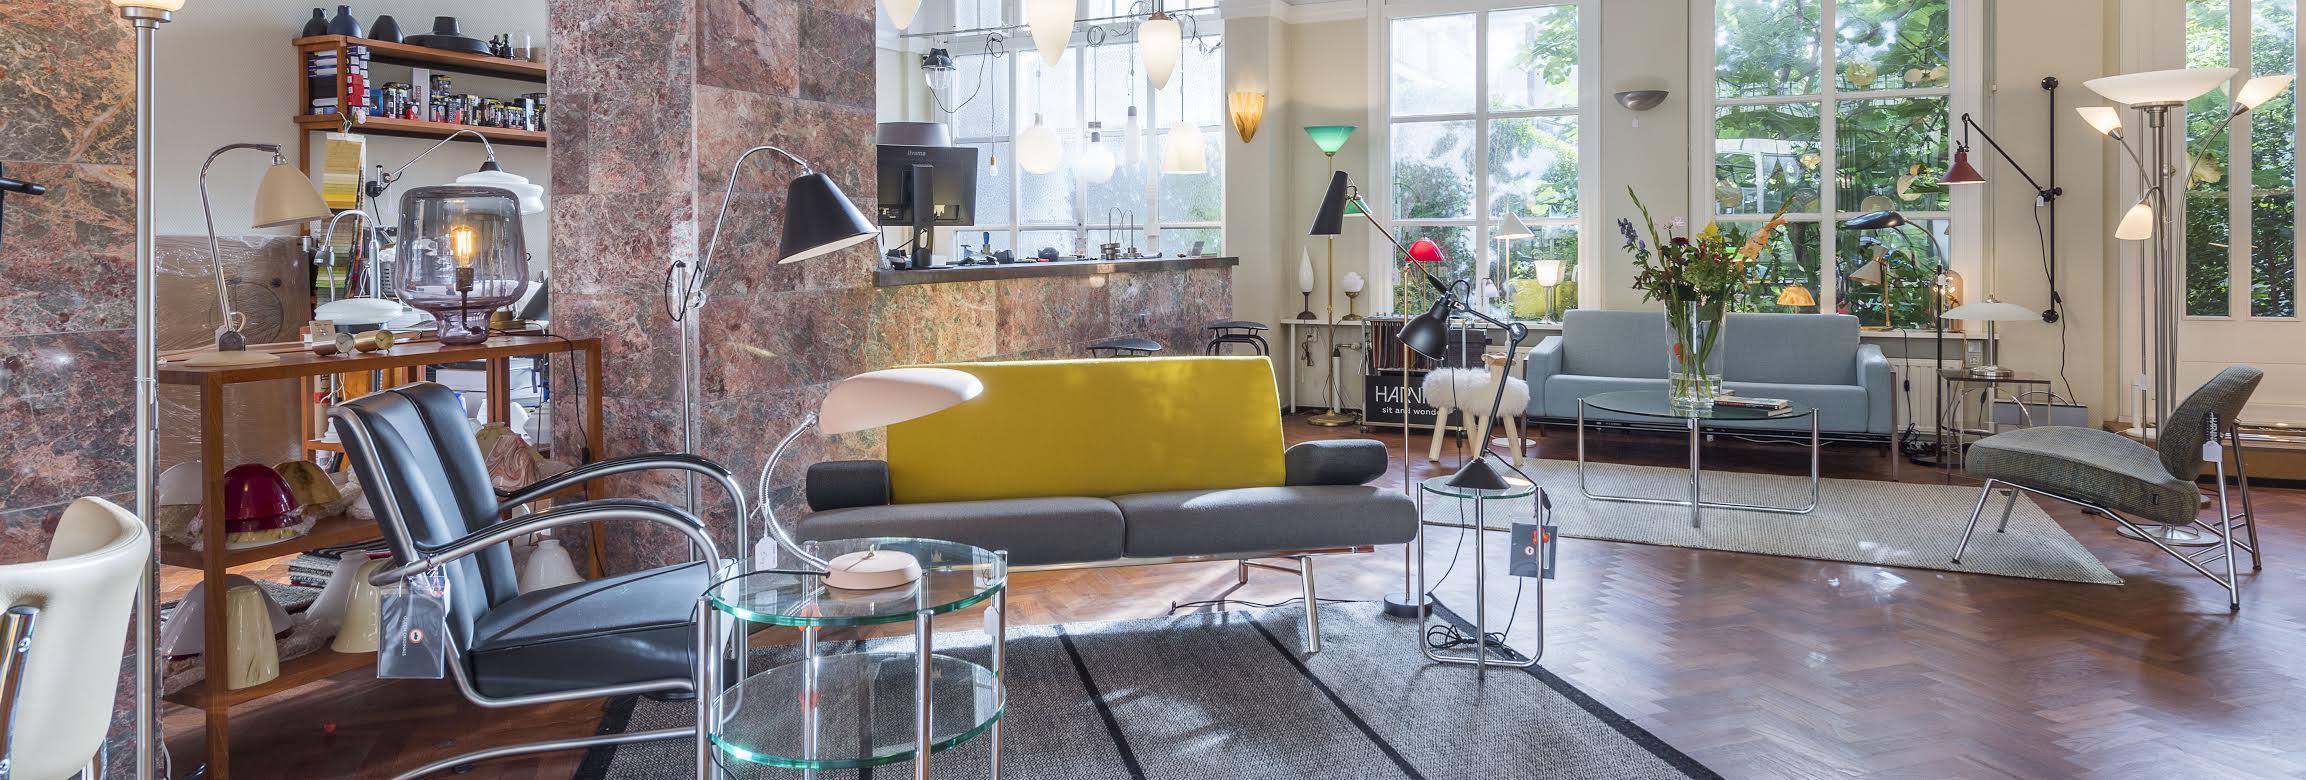 Verlichting & meubels bij Watt design in Den Haag